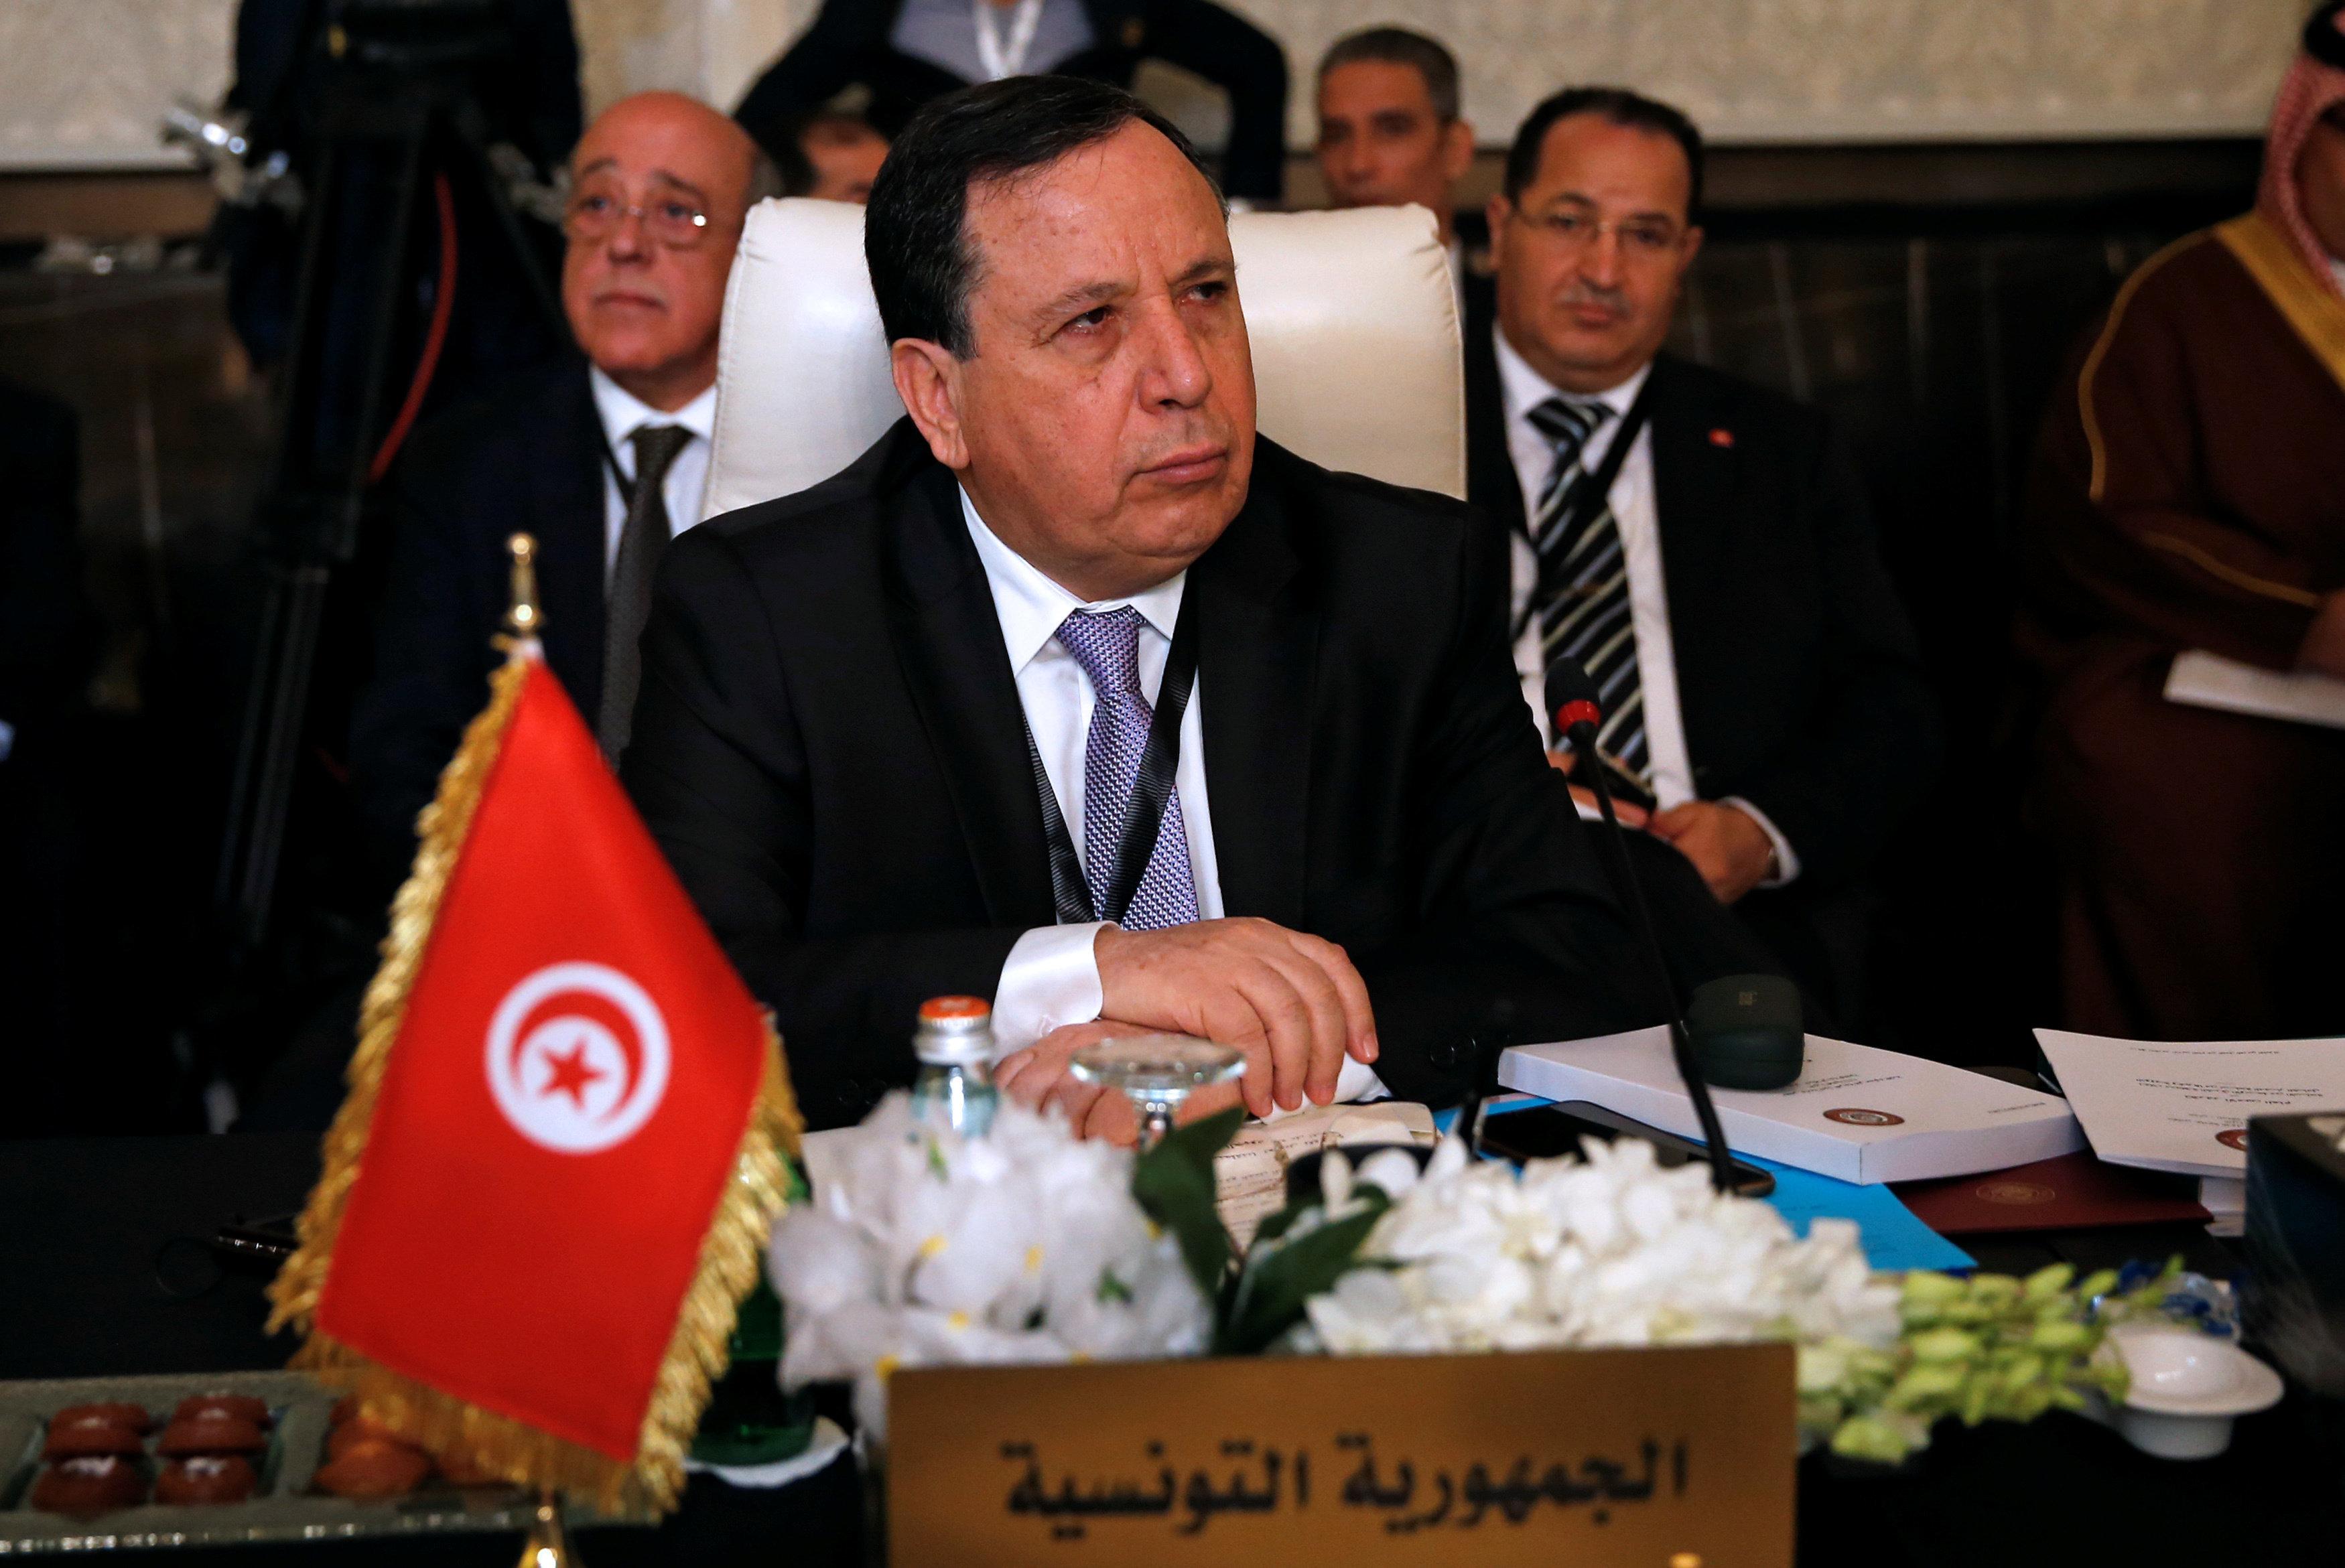 Le ministère des Affaires étrangères rappelle diplomatiquement à l'ordre Rached Ghannouchi après ses propos sur l'Arabie